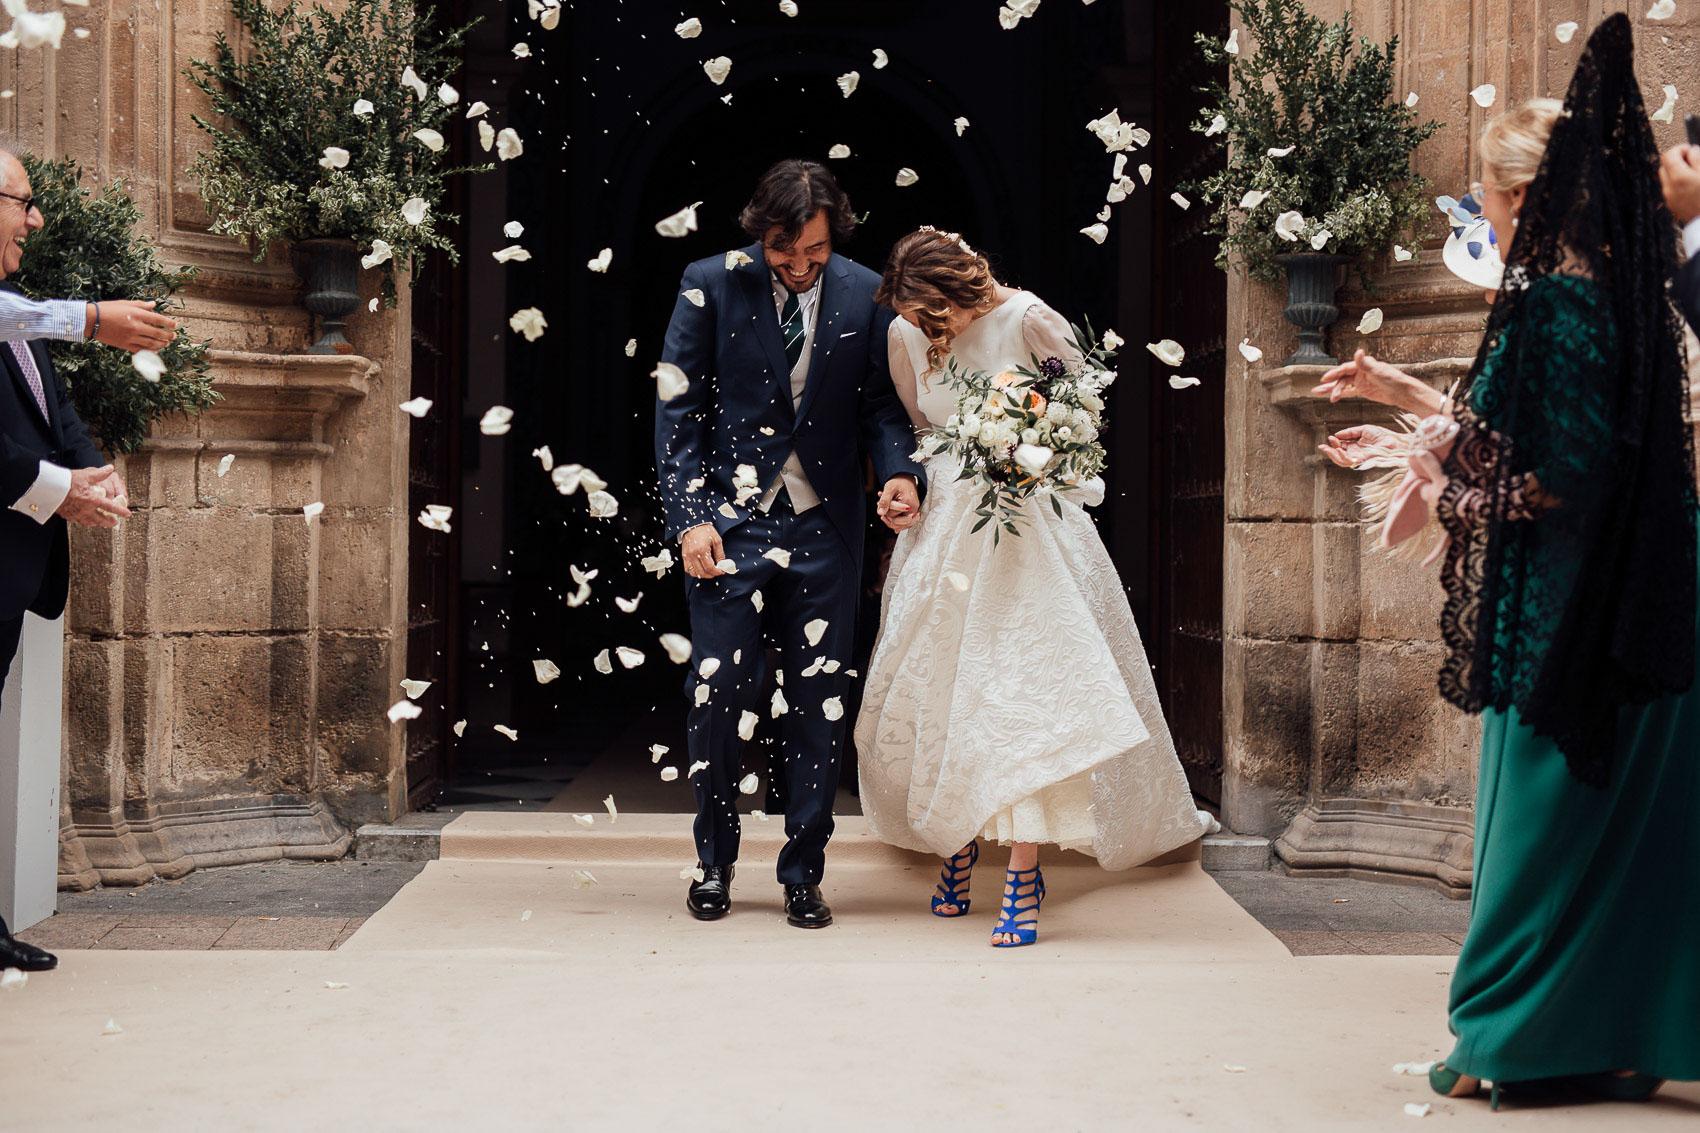 salida iglesia anas boda arroz petalos